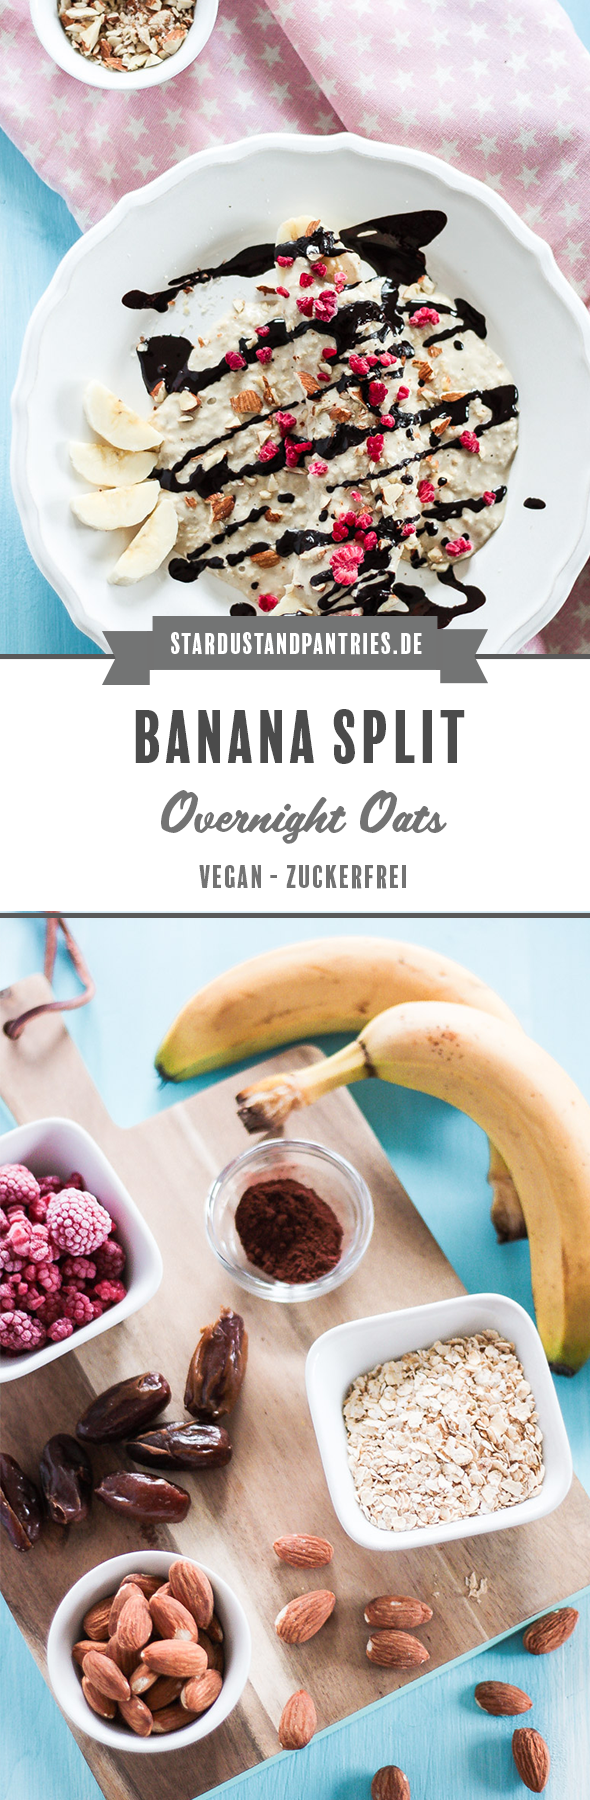 Ein Dessert-inspieriertes Frühstück mit vielen Ballaststoffen, Banane, Mandeln und Himbeeren. Ein veganes, glutenfreies und kinderfreundliches Frühstück! Zuckerfrei! #bananasplit #Overnightoats #vegan